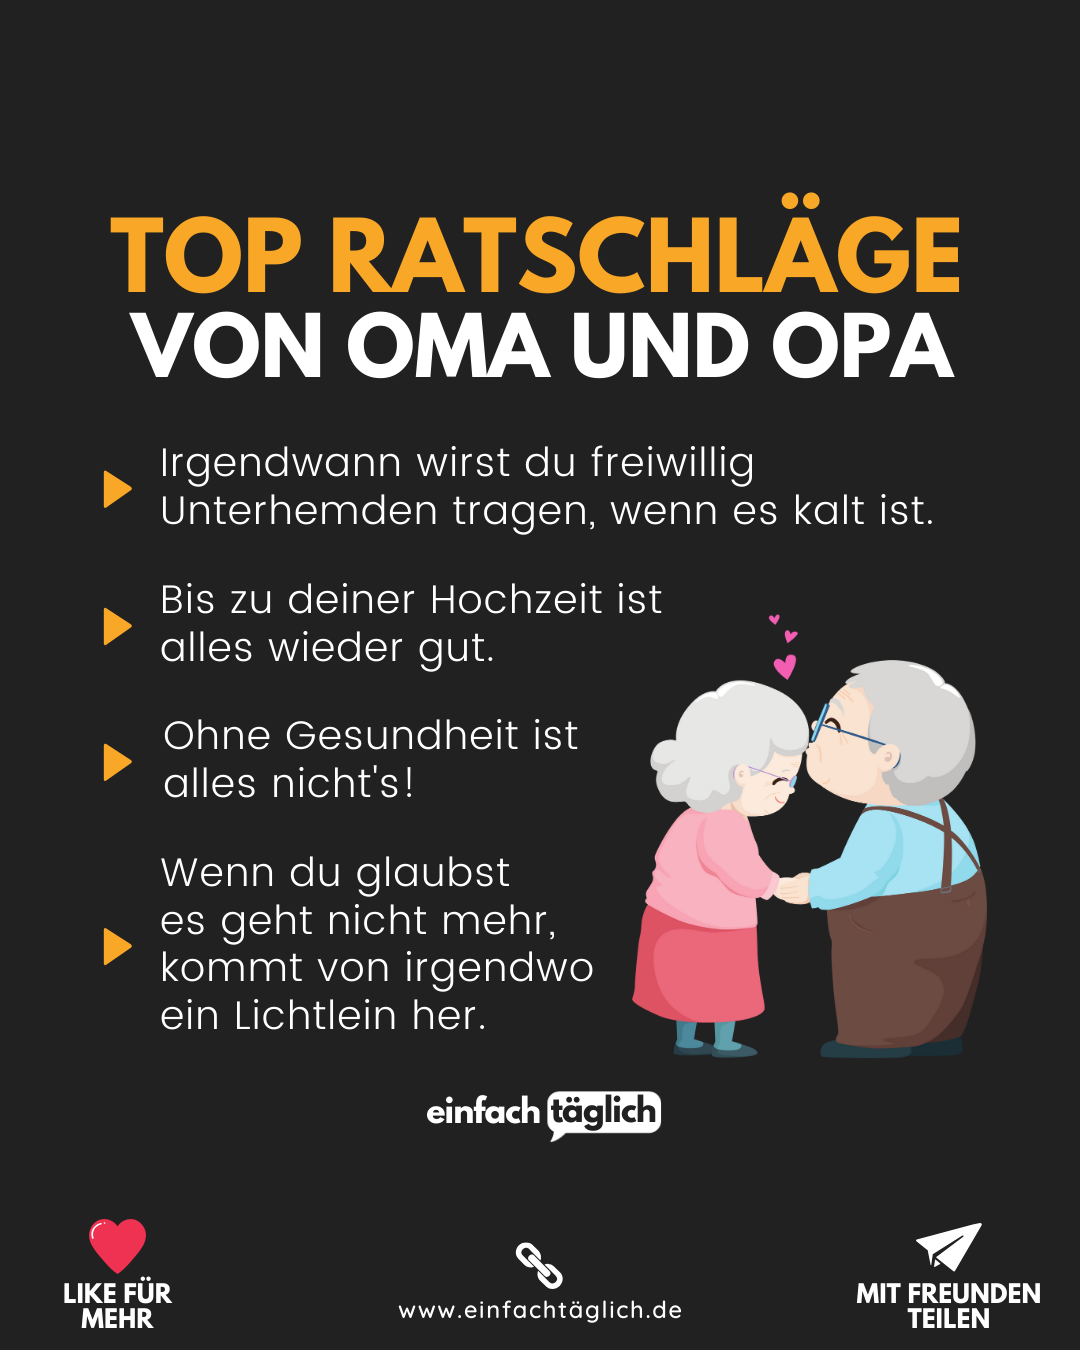 Top Ratschlage Von Oma Und Opa Inspirierende Zitate Und Spruche Weisheiten Motivation